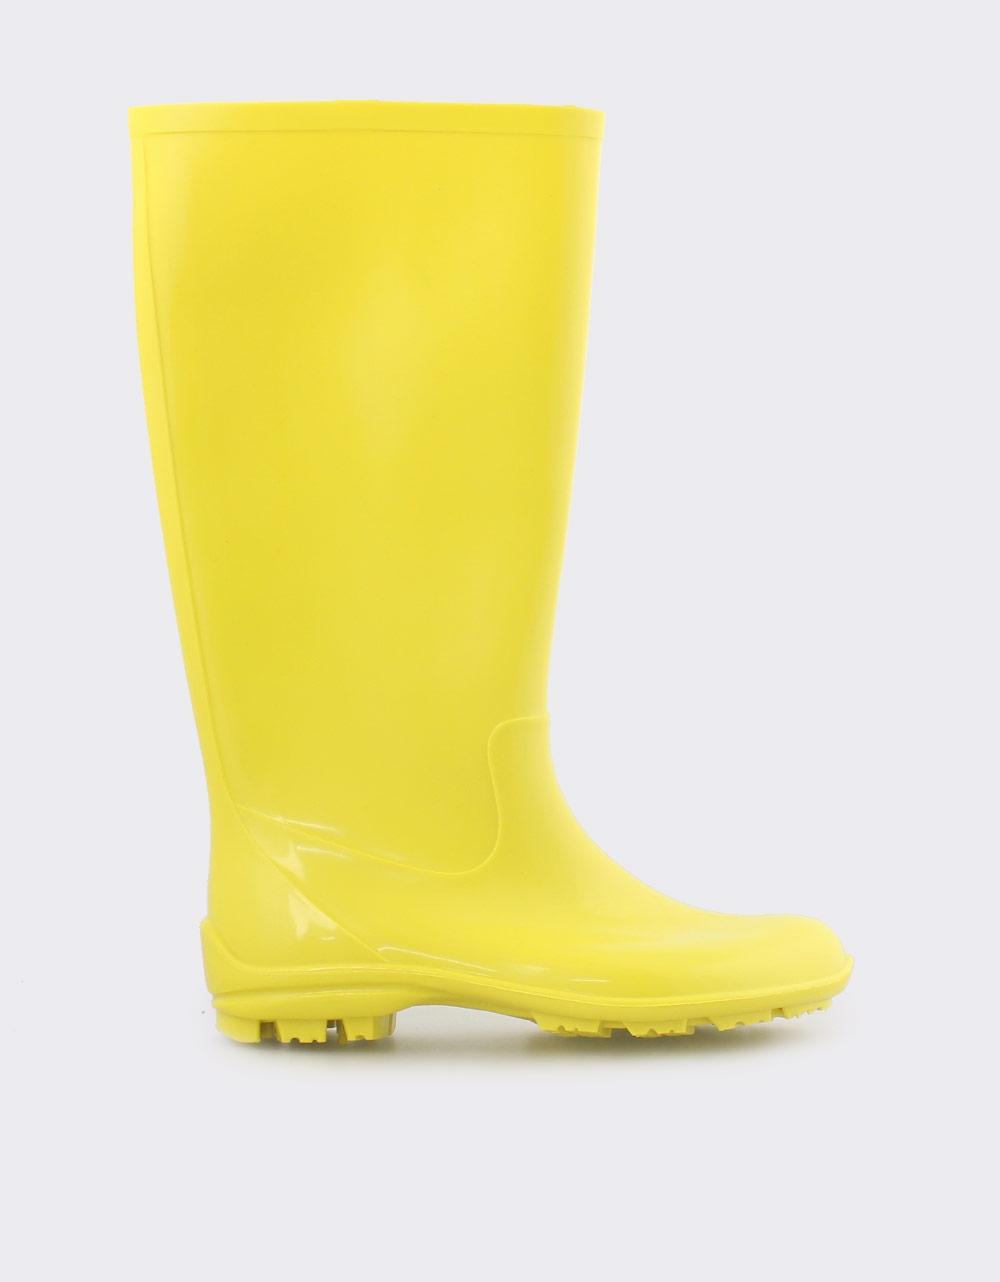 Εικόνα από Γυναικείες γαλότσες μονόχρωμες Κίτρινο